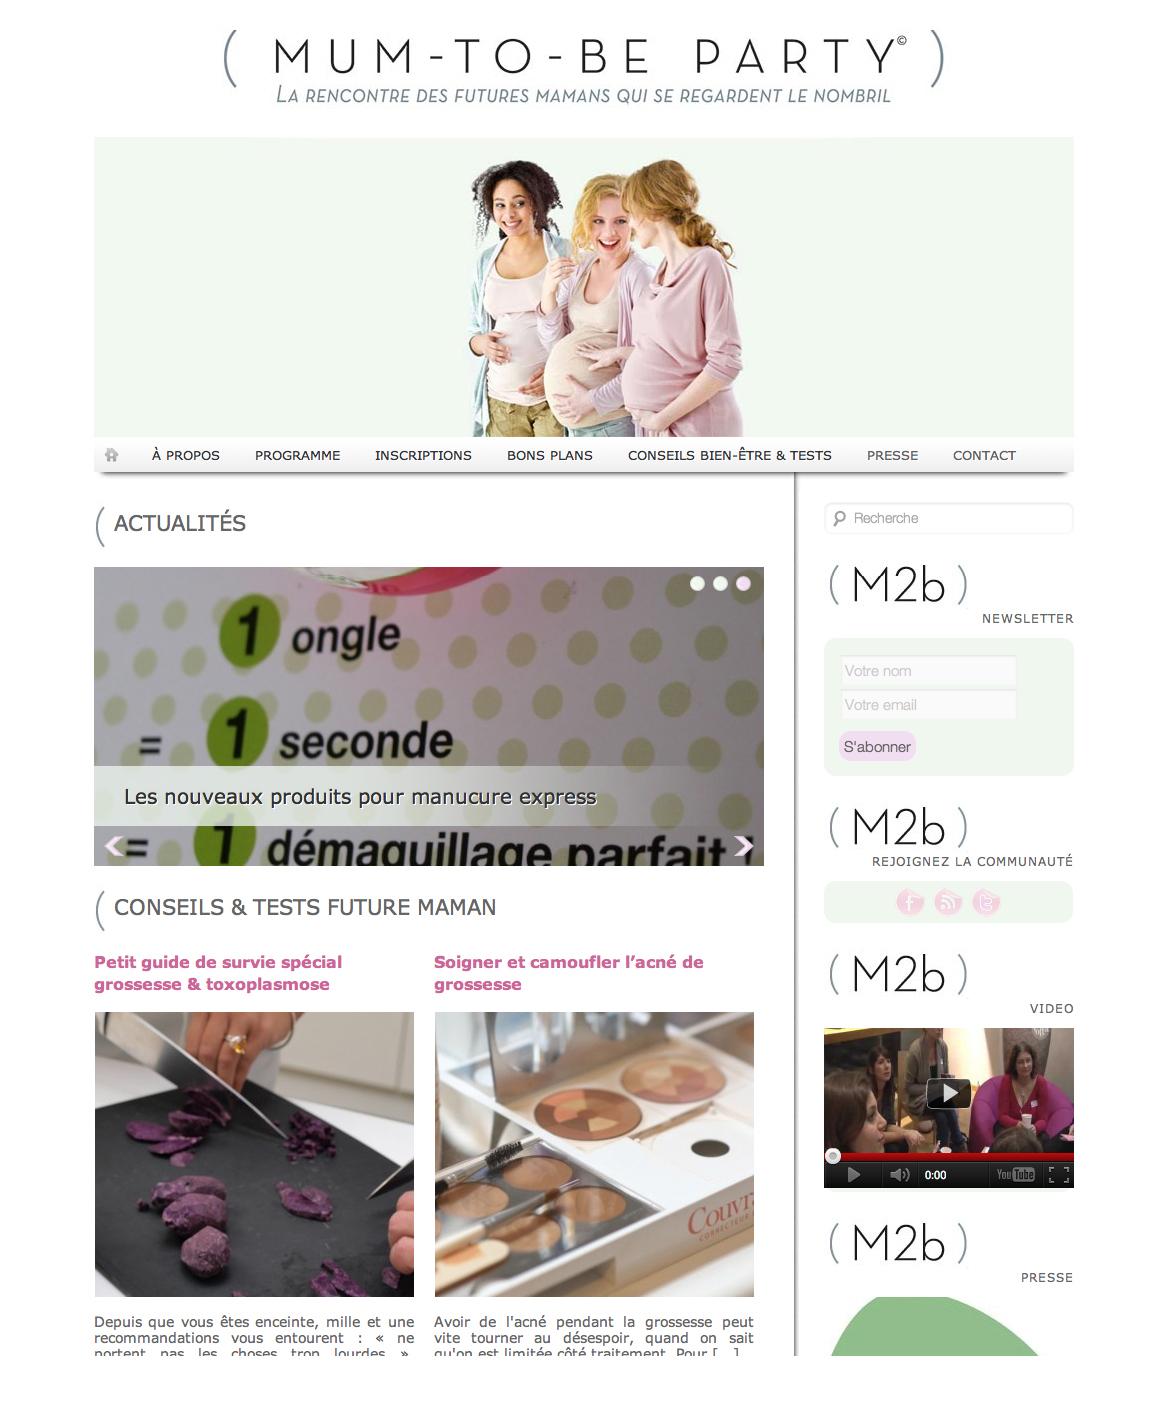 Mumtobeparty.com 3 Le rencontre des futures mamans revient le 20 mars !